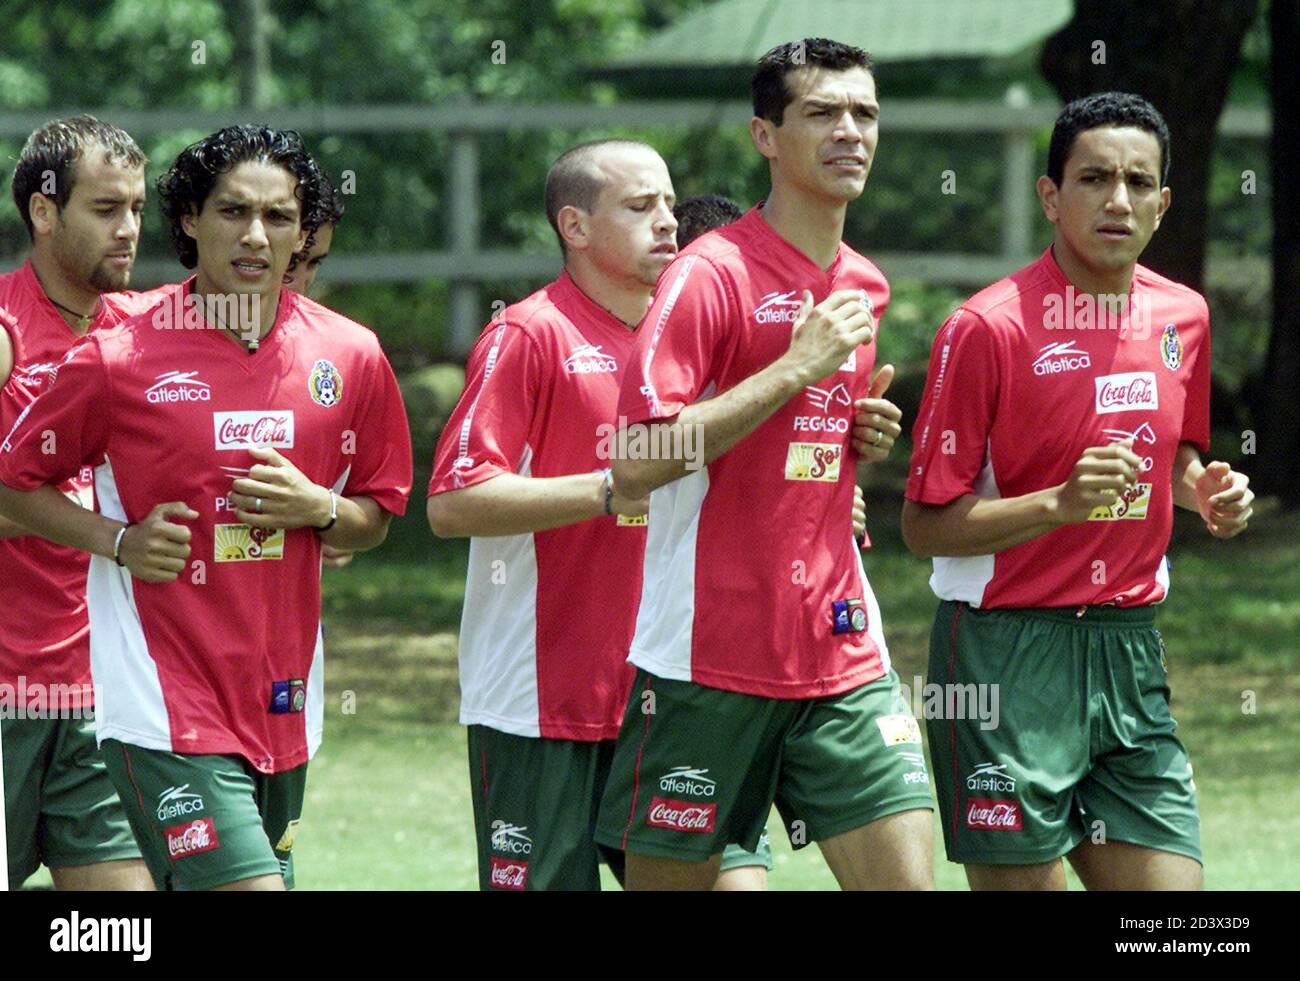 Los mexicanos (L-R) Johan Rodriguez, Adrian Martínez, Oscar Pérez, Jared Borgueti y Ramon Morales jogan en el Campestre Club en Cali, donde el equipo se aloja durante la Copa América, el 13 de julio de 2001. México trastornó a Brasil en su primer partido del torneo y juega a Paraguay el 15 de julio. RR Foto de stock